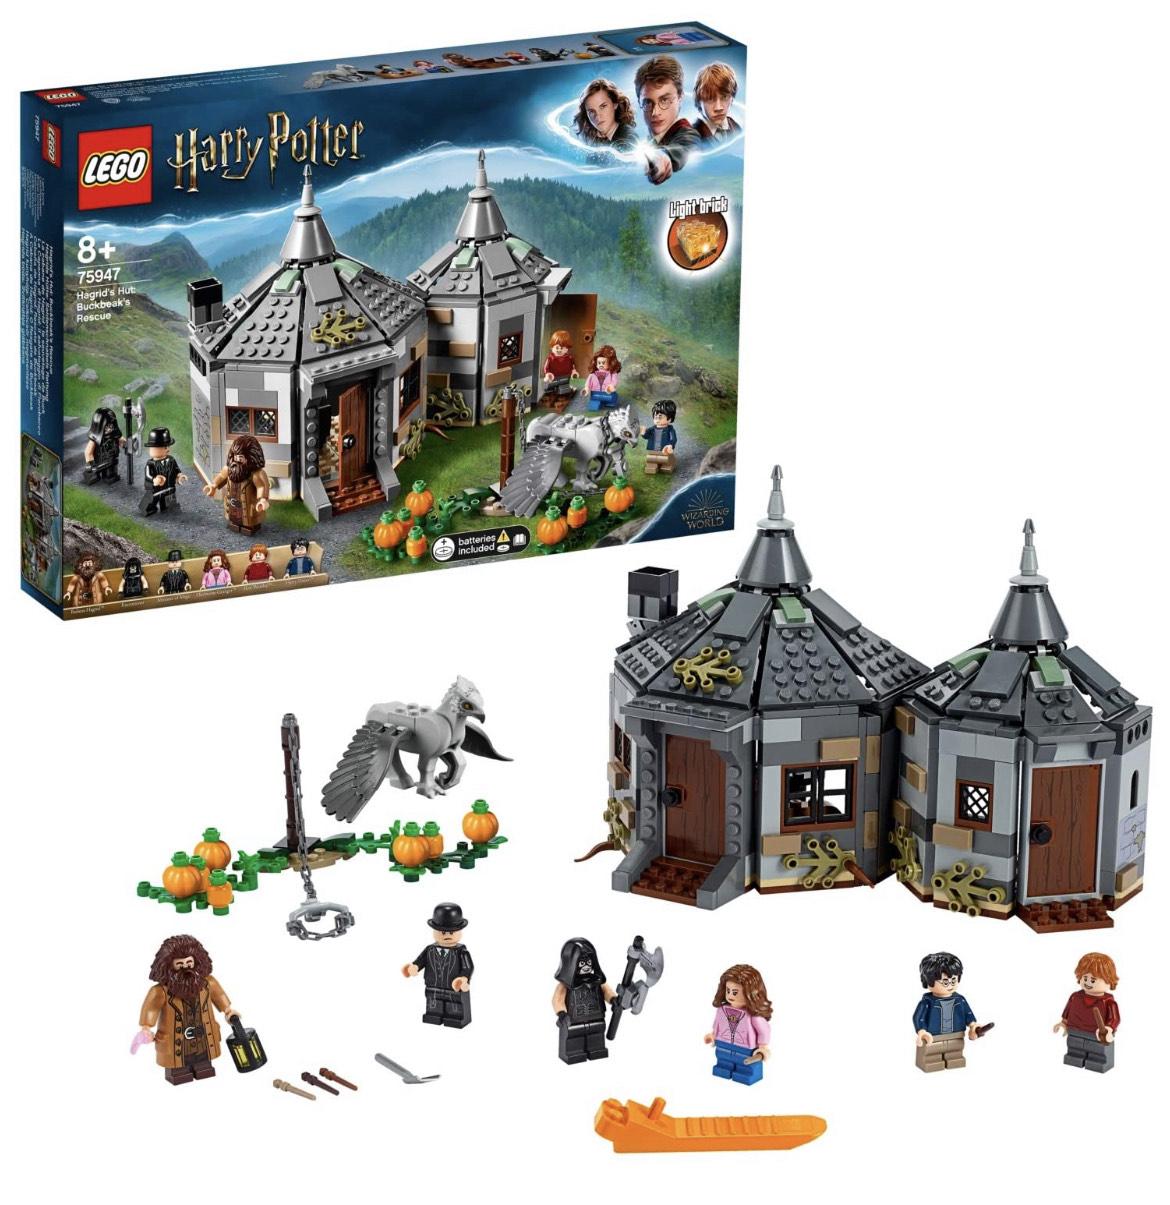 Jeu de construction Lego Harry Potter (75947) - La Cabane de Hagrid : Le Sauvetage de Buck